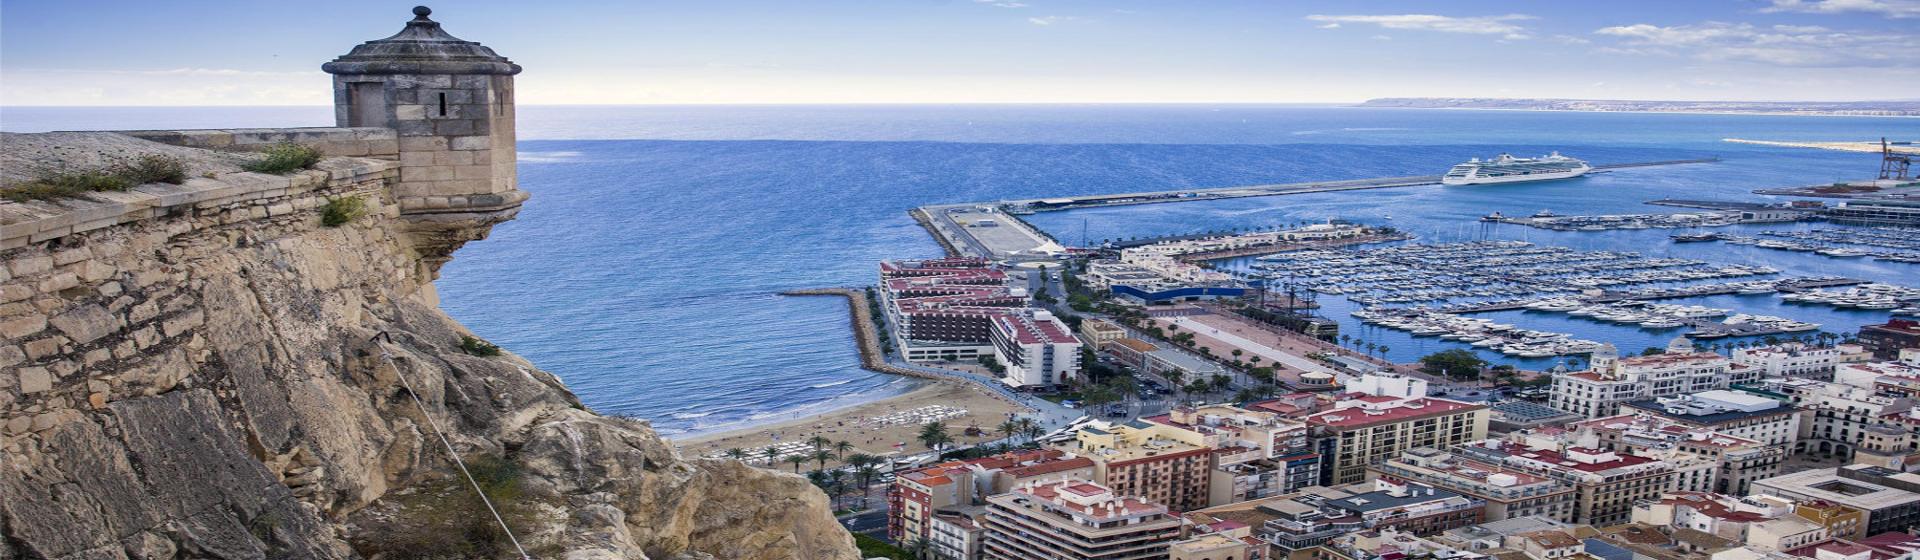 Despedida de soltero y soltera en Alicante. Viaje a Alicante, España.